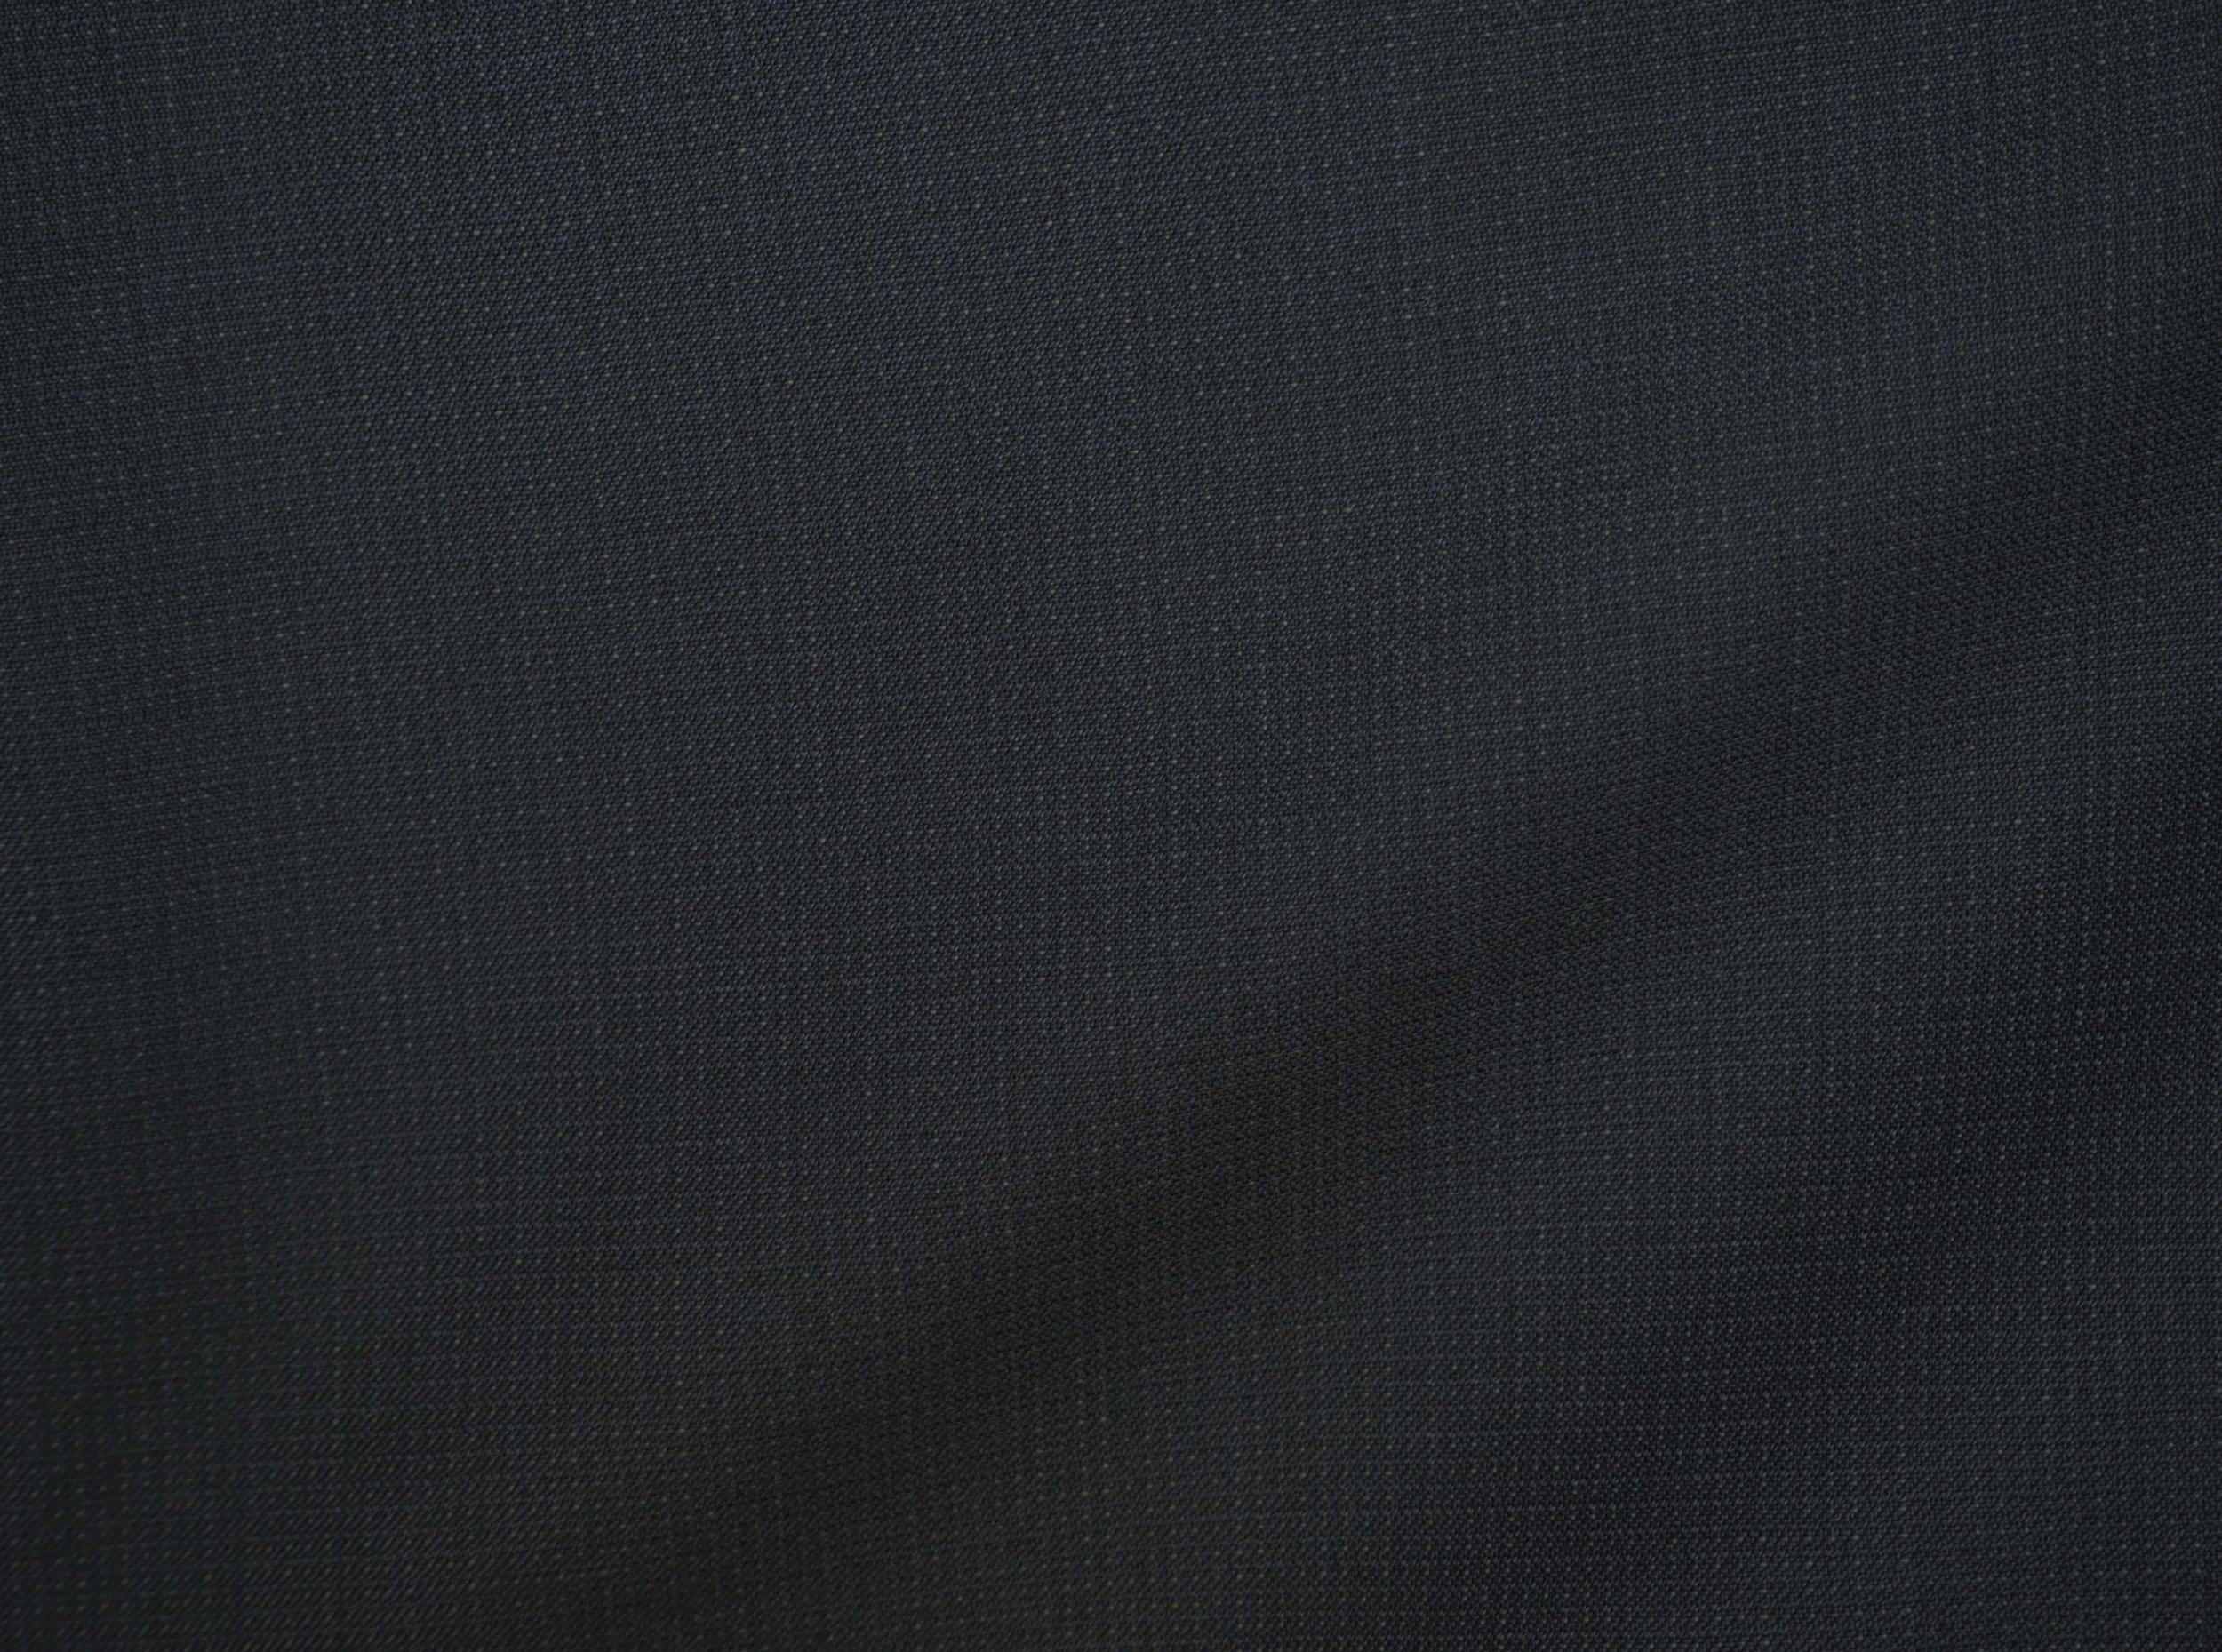 Stof---mørkeblå-mønstret.jpg